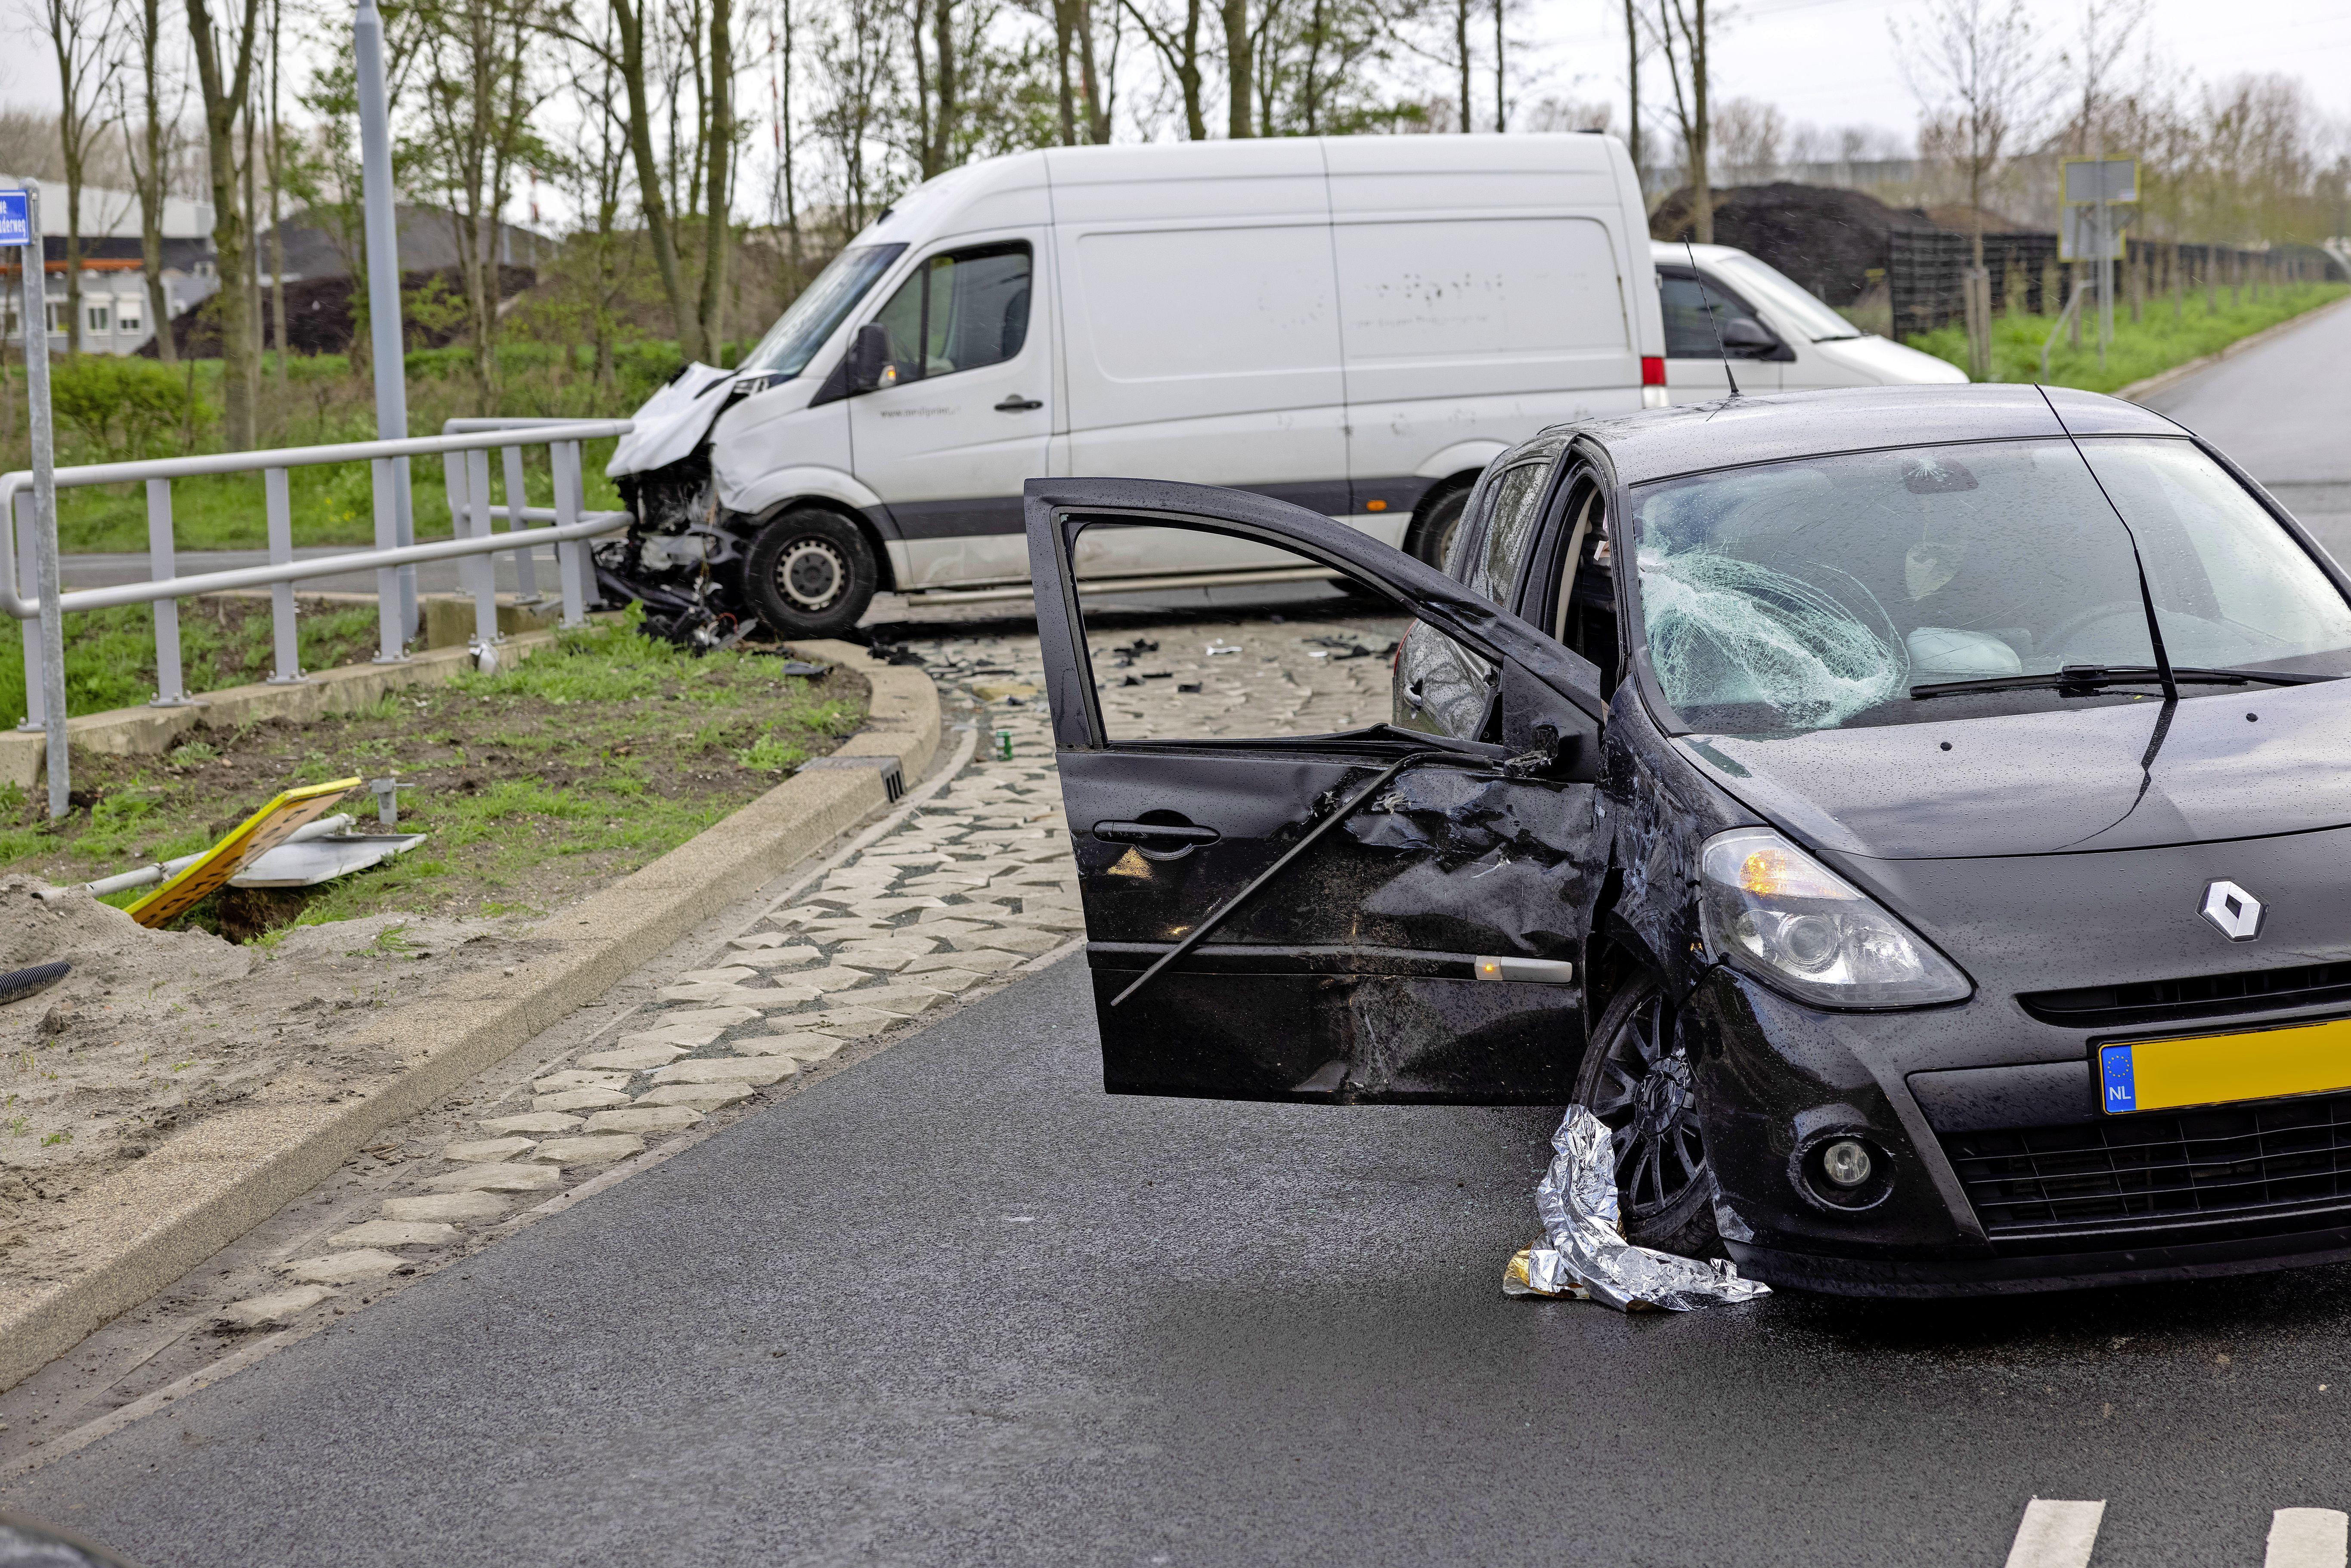 Gemeente Haarlemmermeer wacht politierapporten Nieuwe Spaarnwouderweg af, 'elk ongeluk is er eentje te veel'